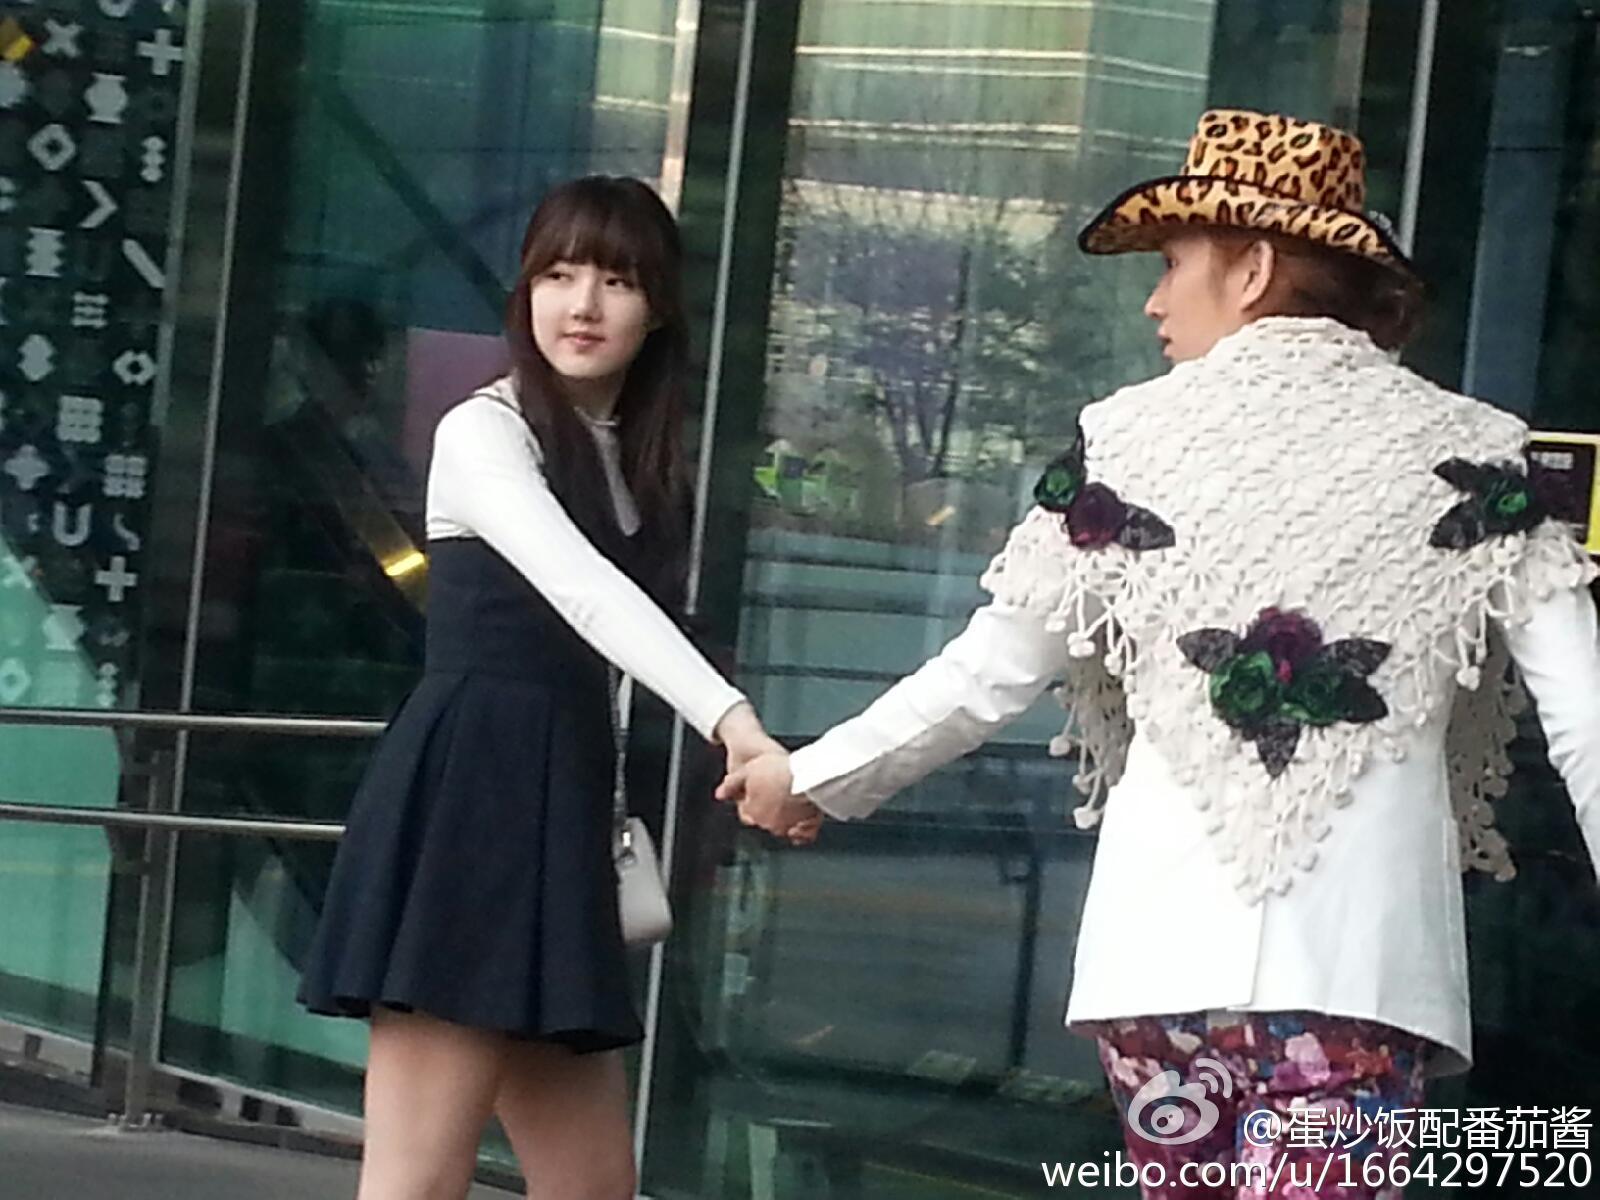 HyunA JS dating avio liitto ei dating KDrama Tumblr